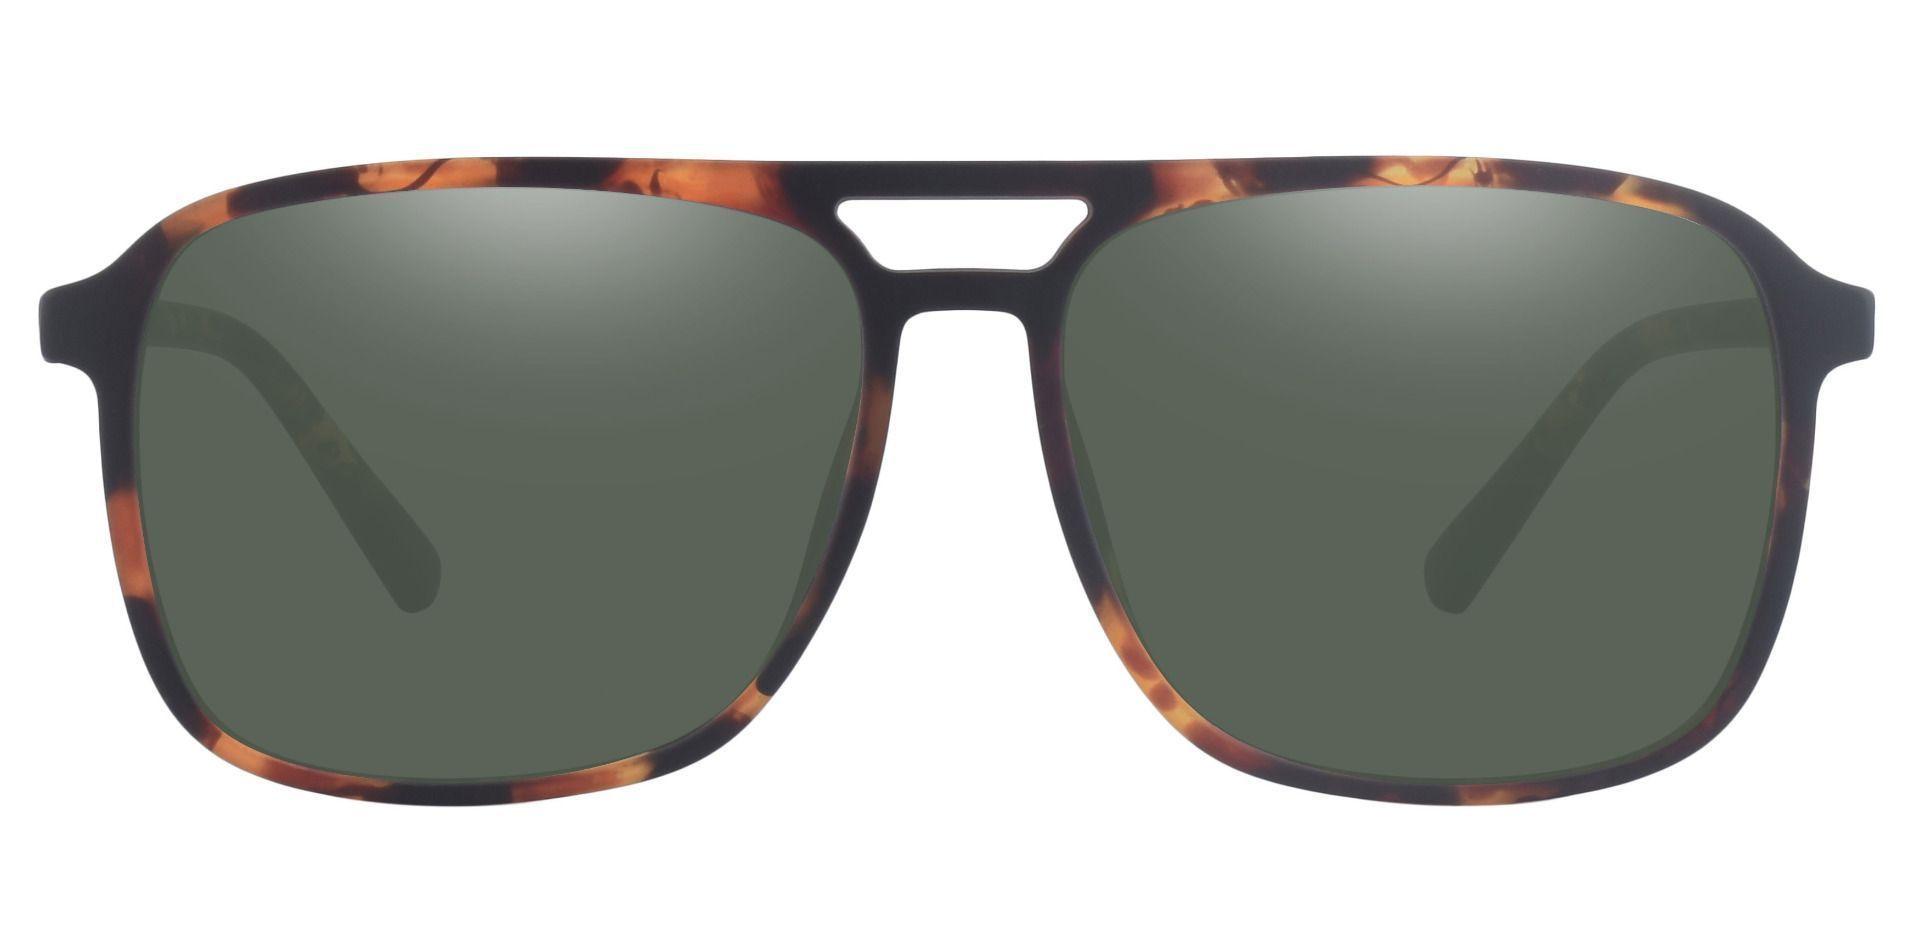 Edward Aviator Prescription Sunglasses - Tortoise Frame With Green Lenses